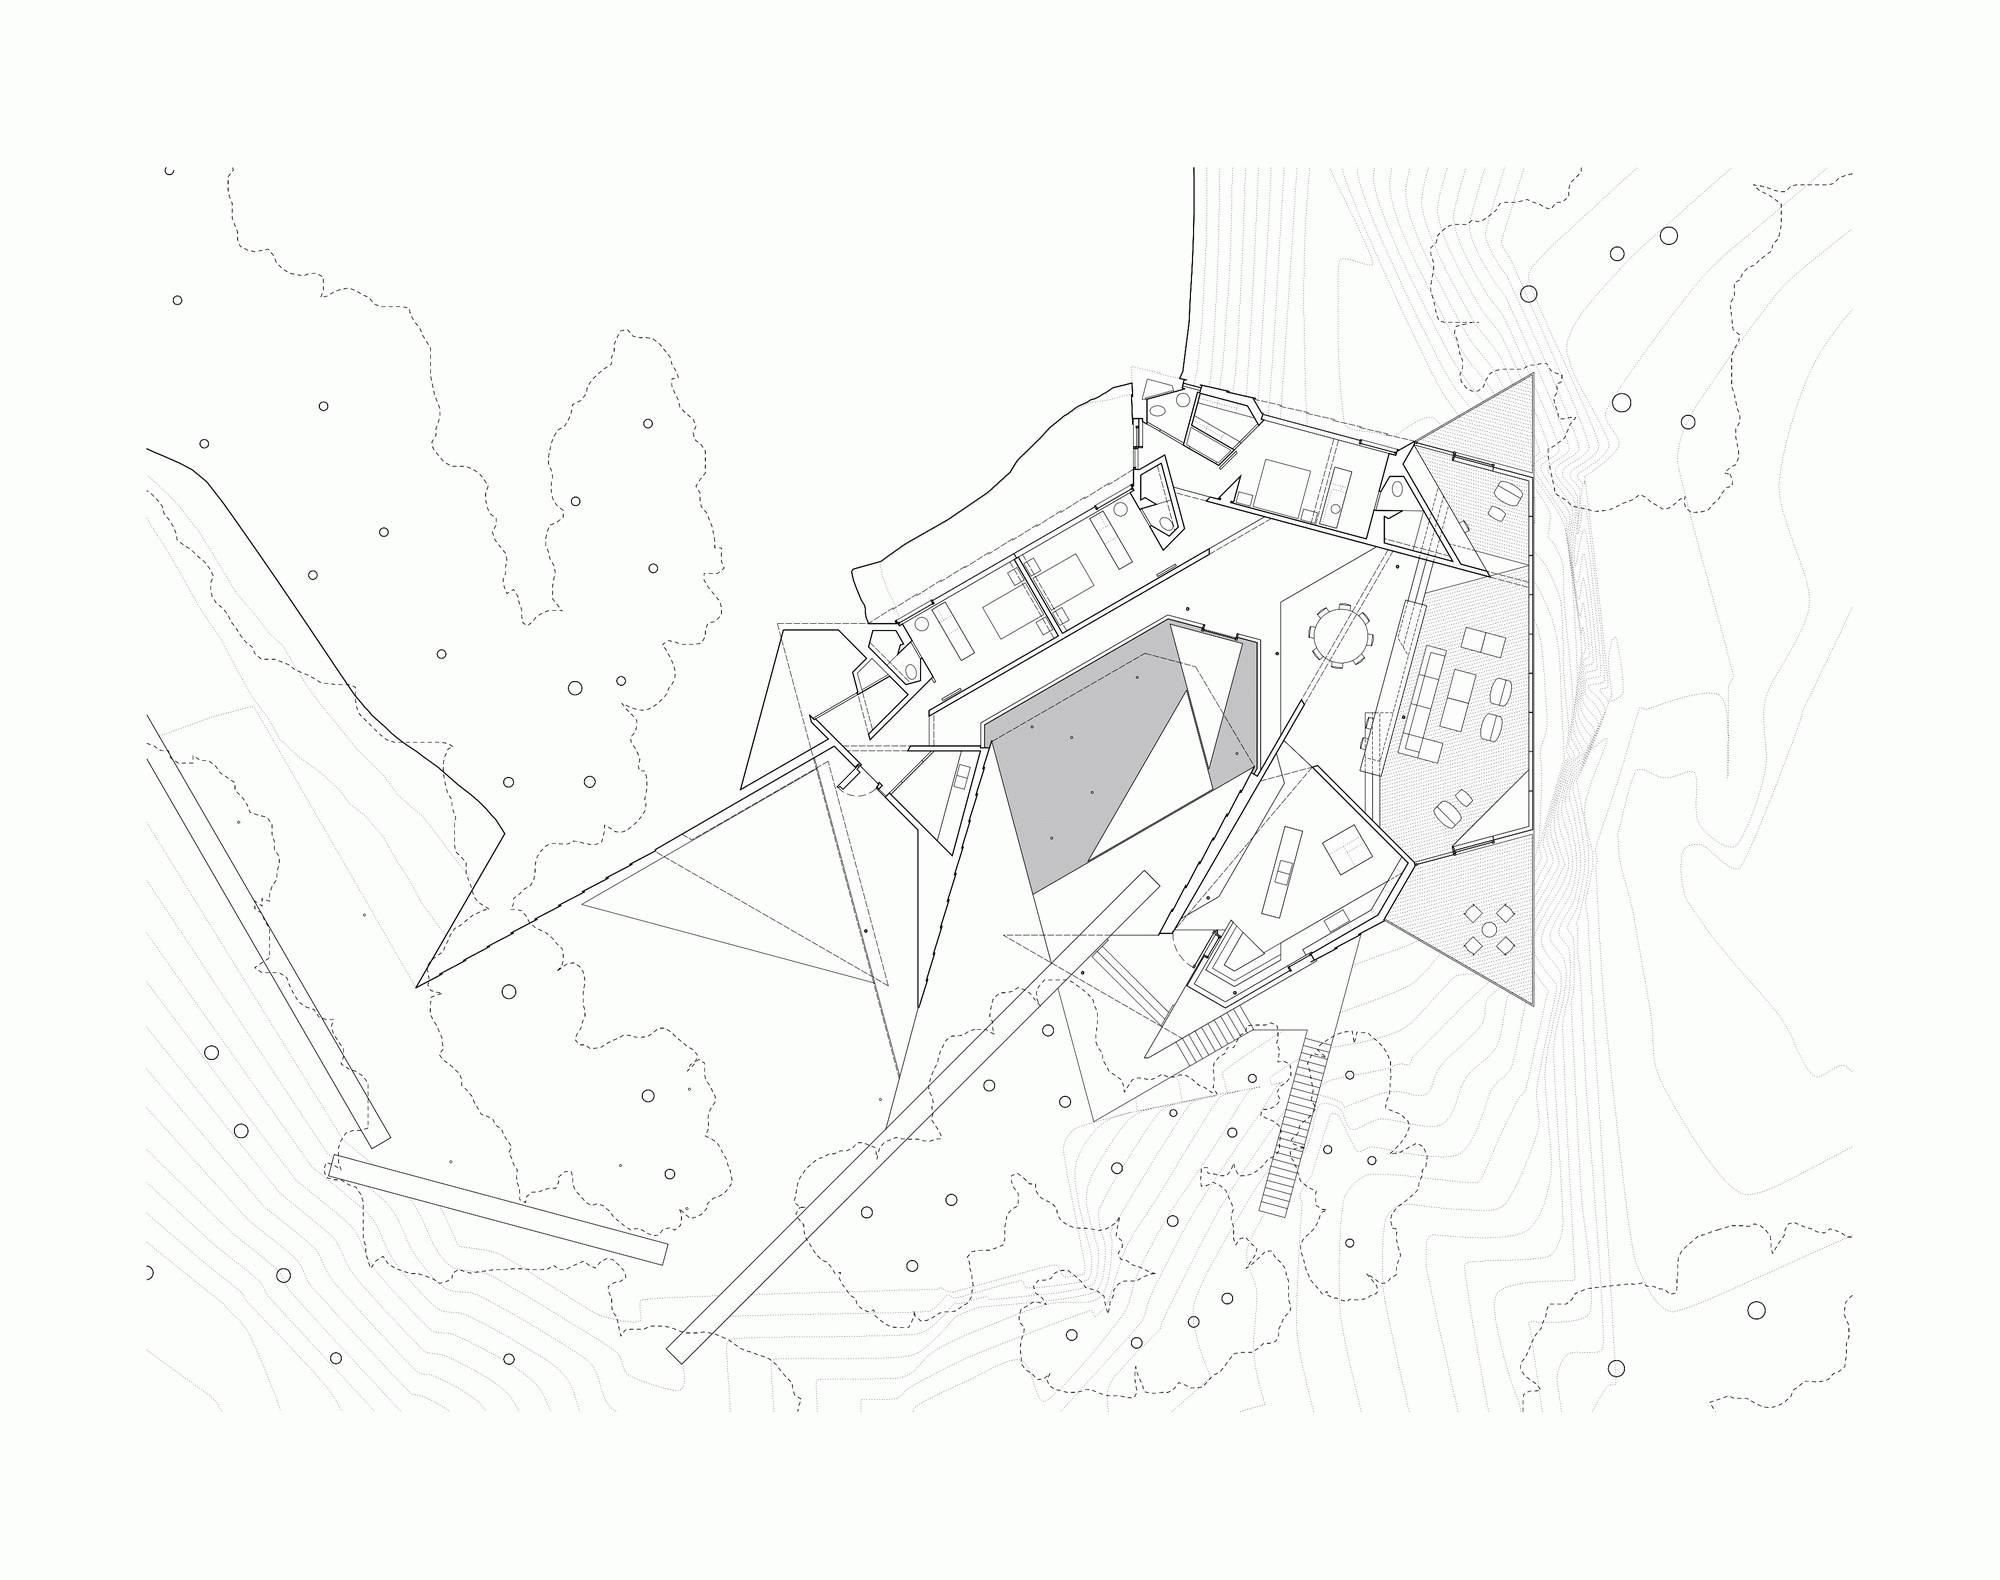 鬼才建筑师 | 隐于自然的创意别墅设计图片